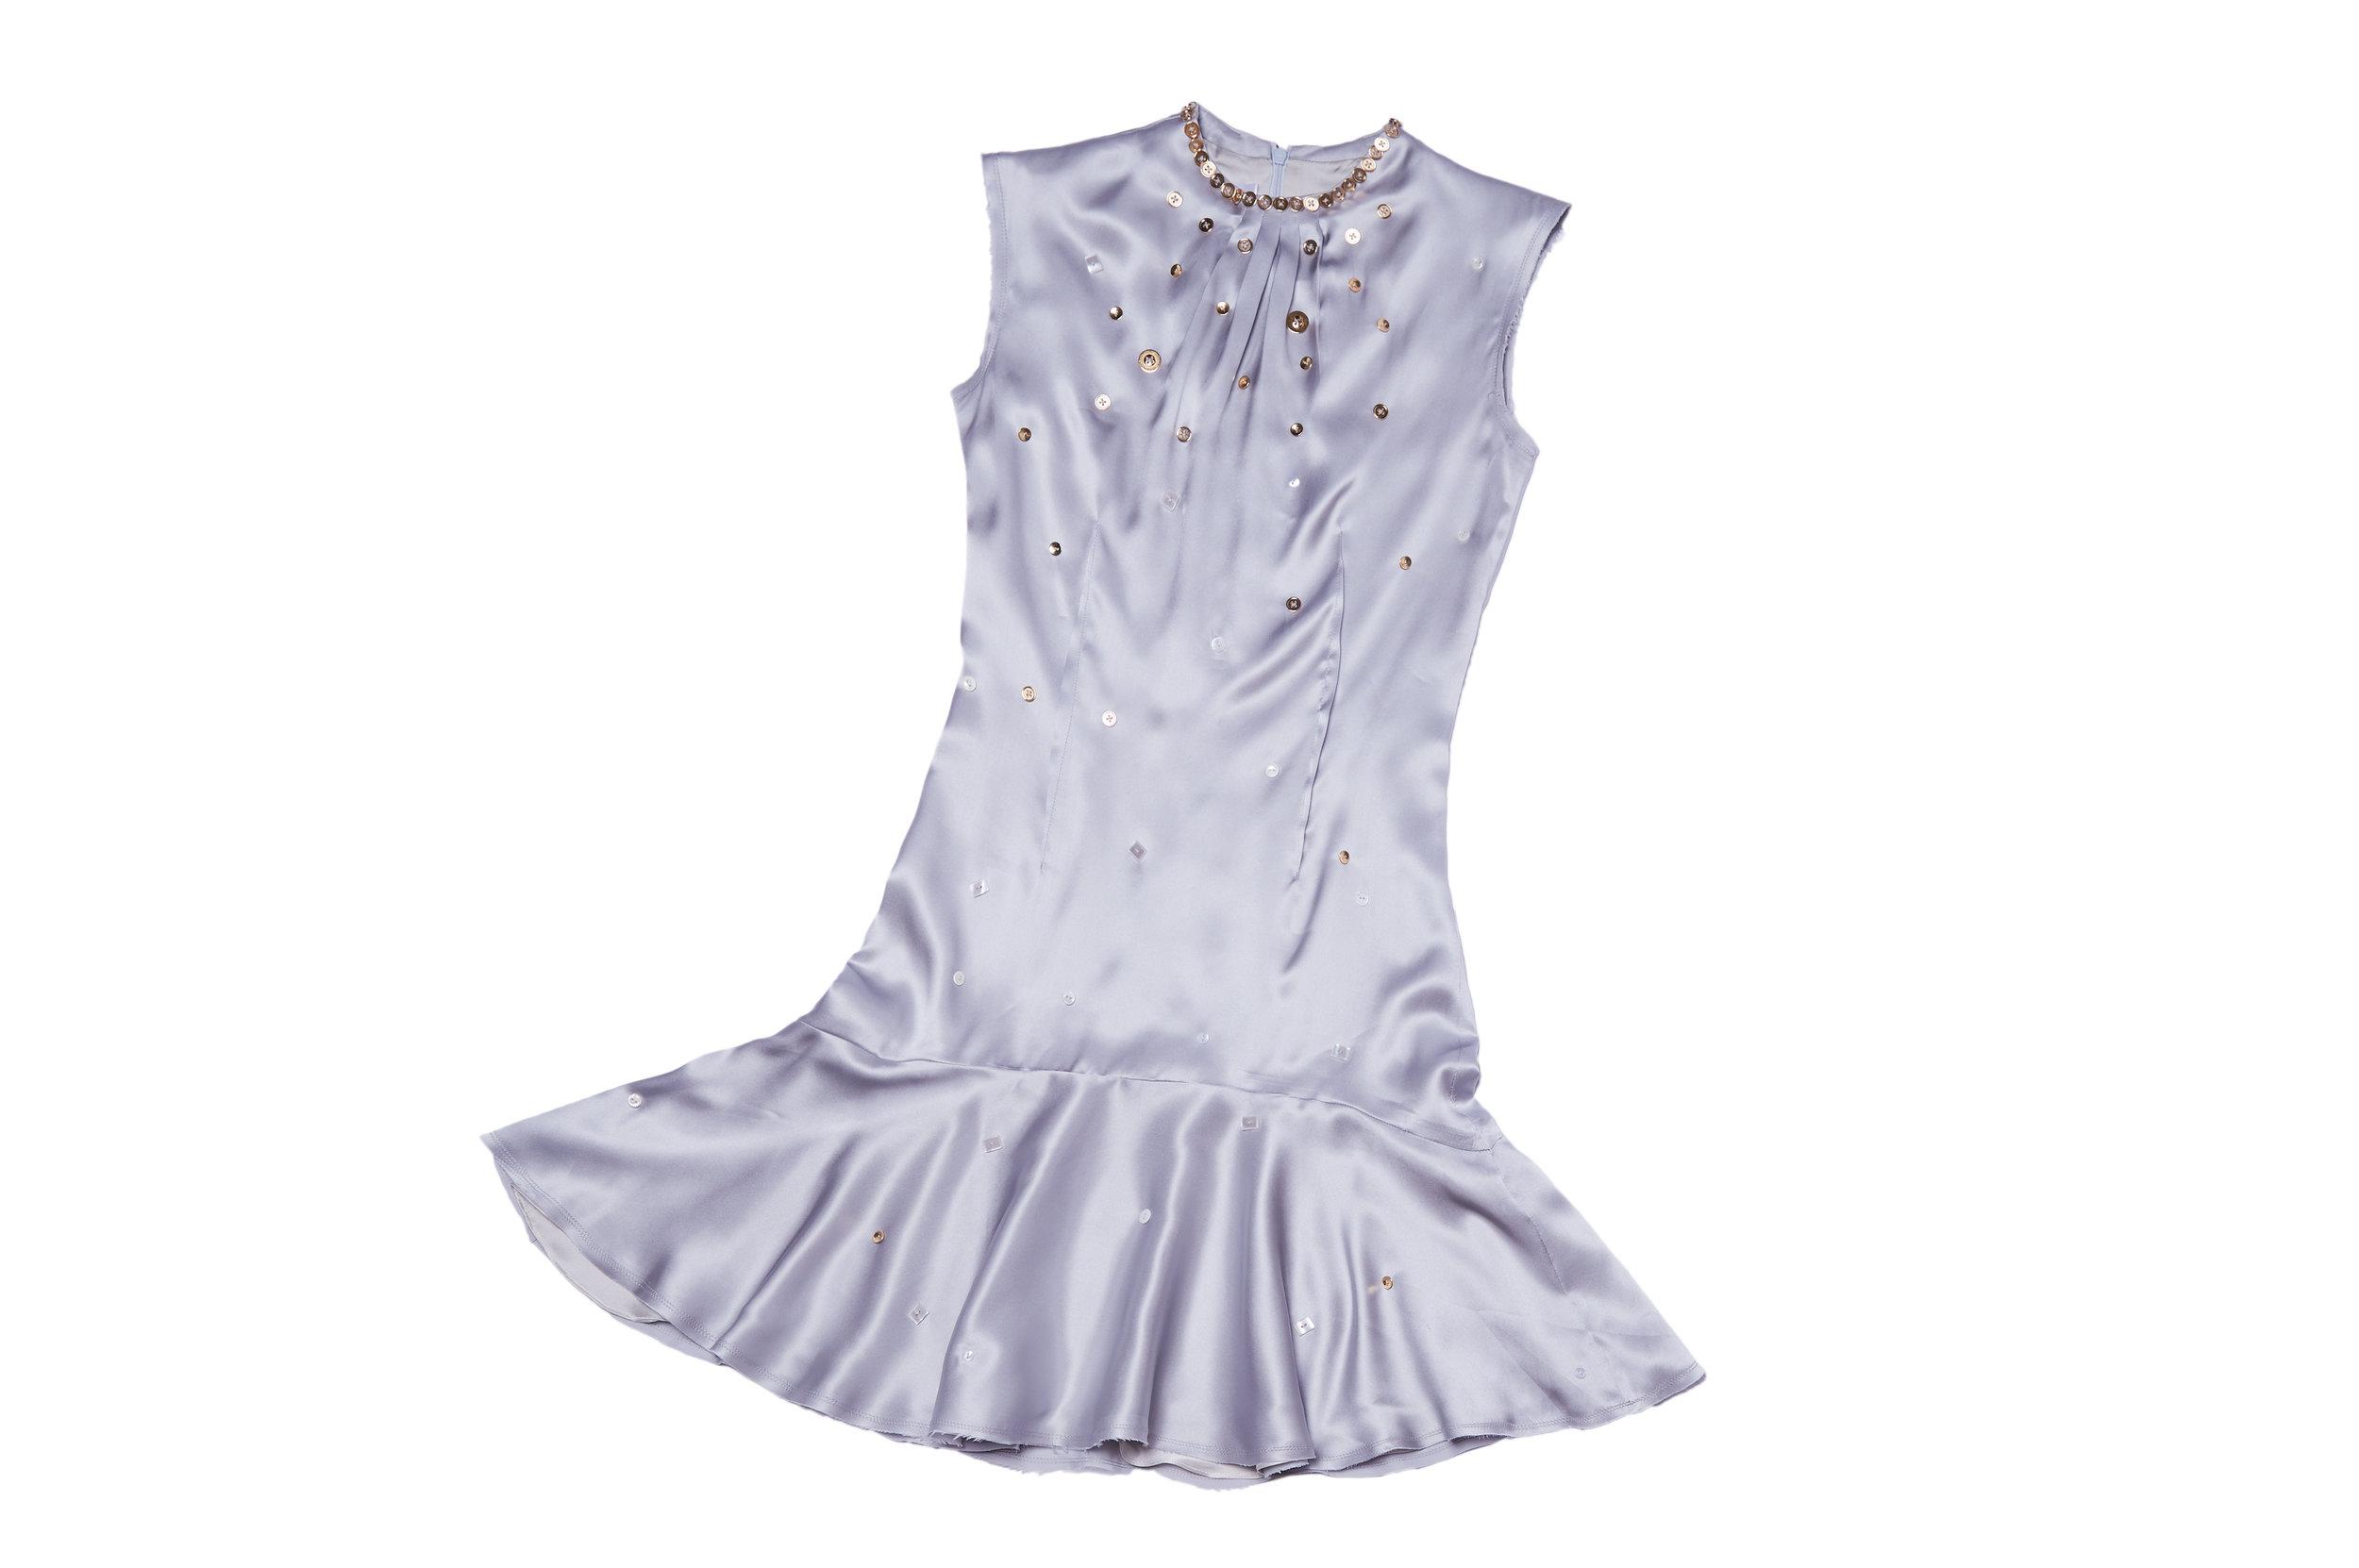 181028-AZAR4197-DRESS 1.-A.jpg